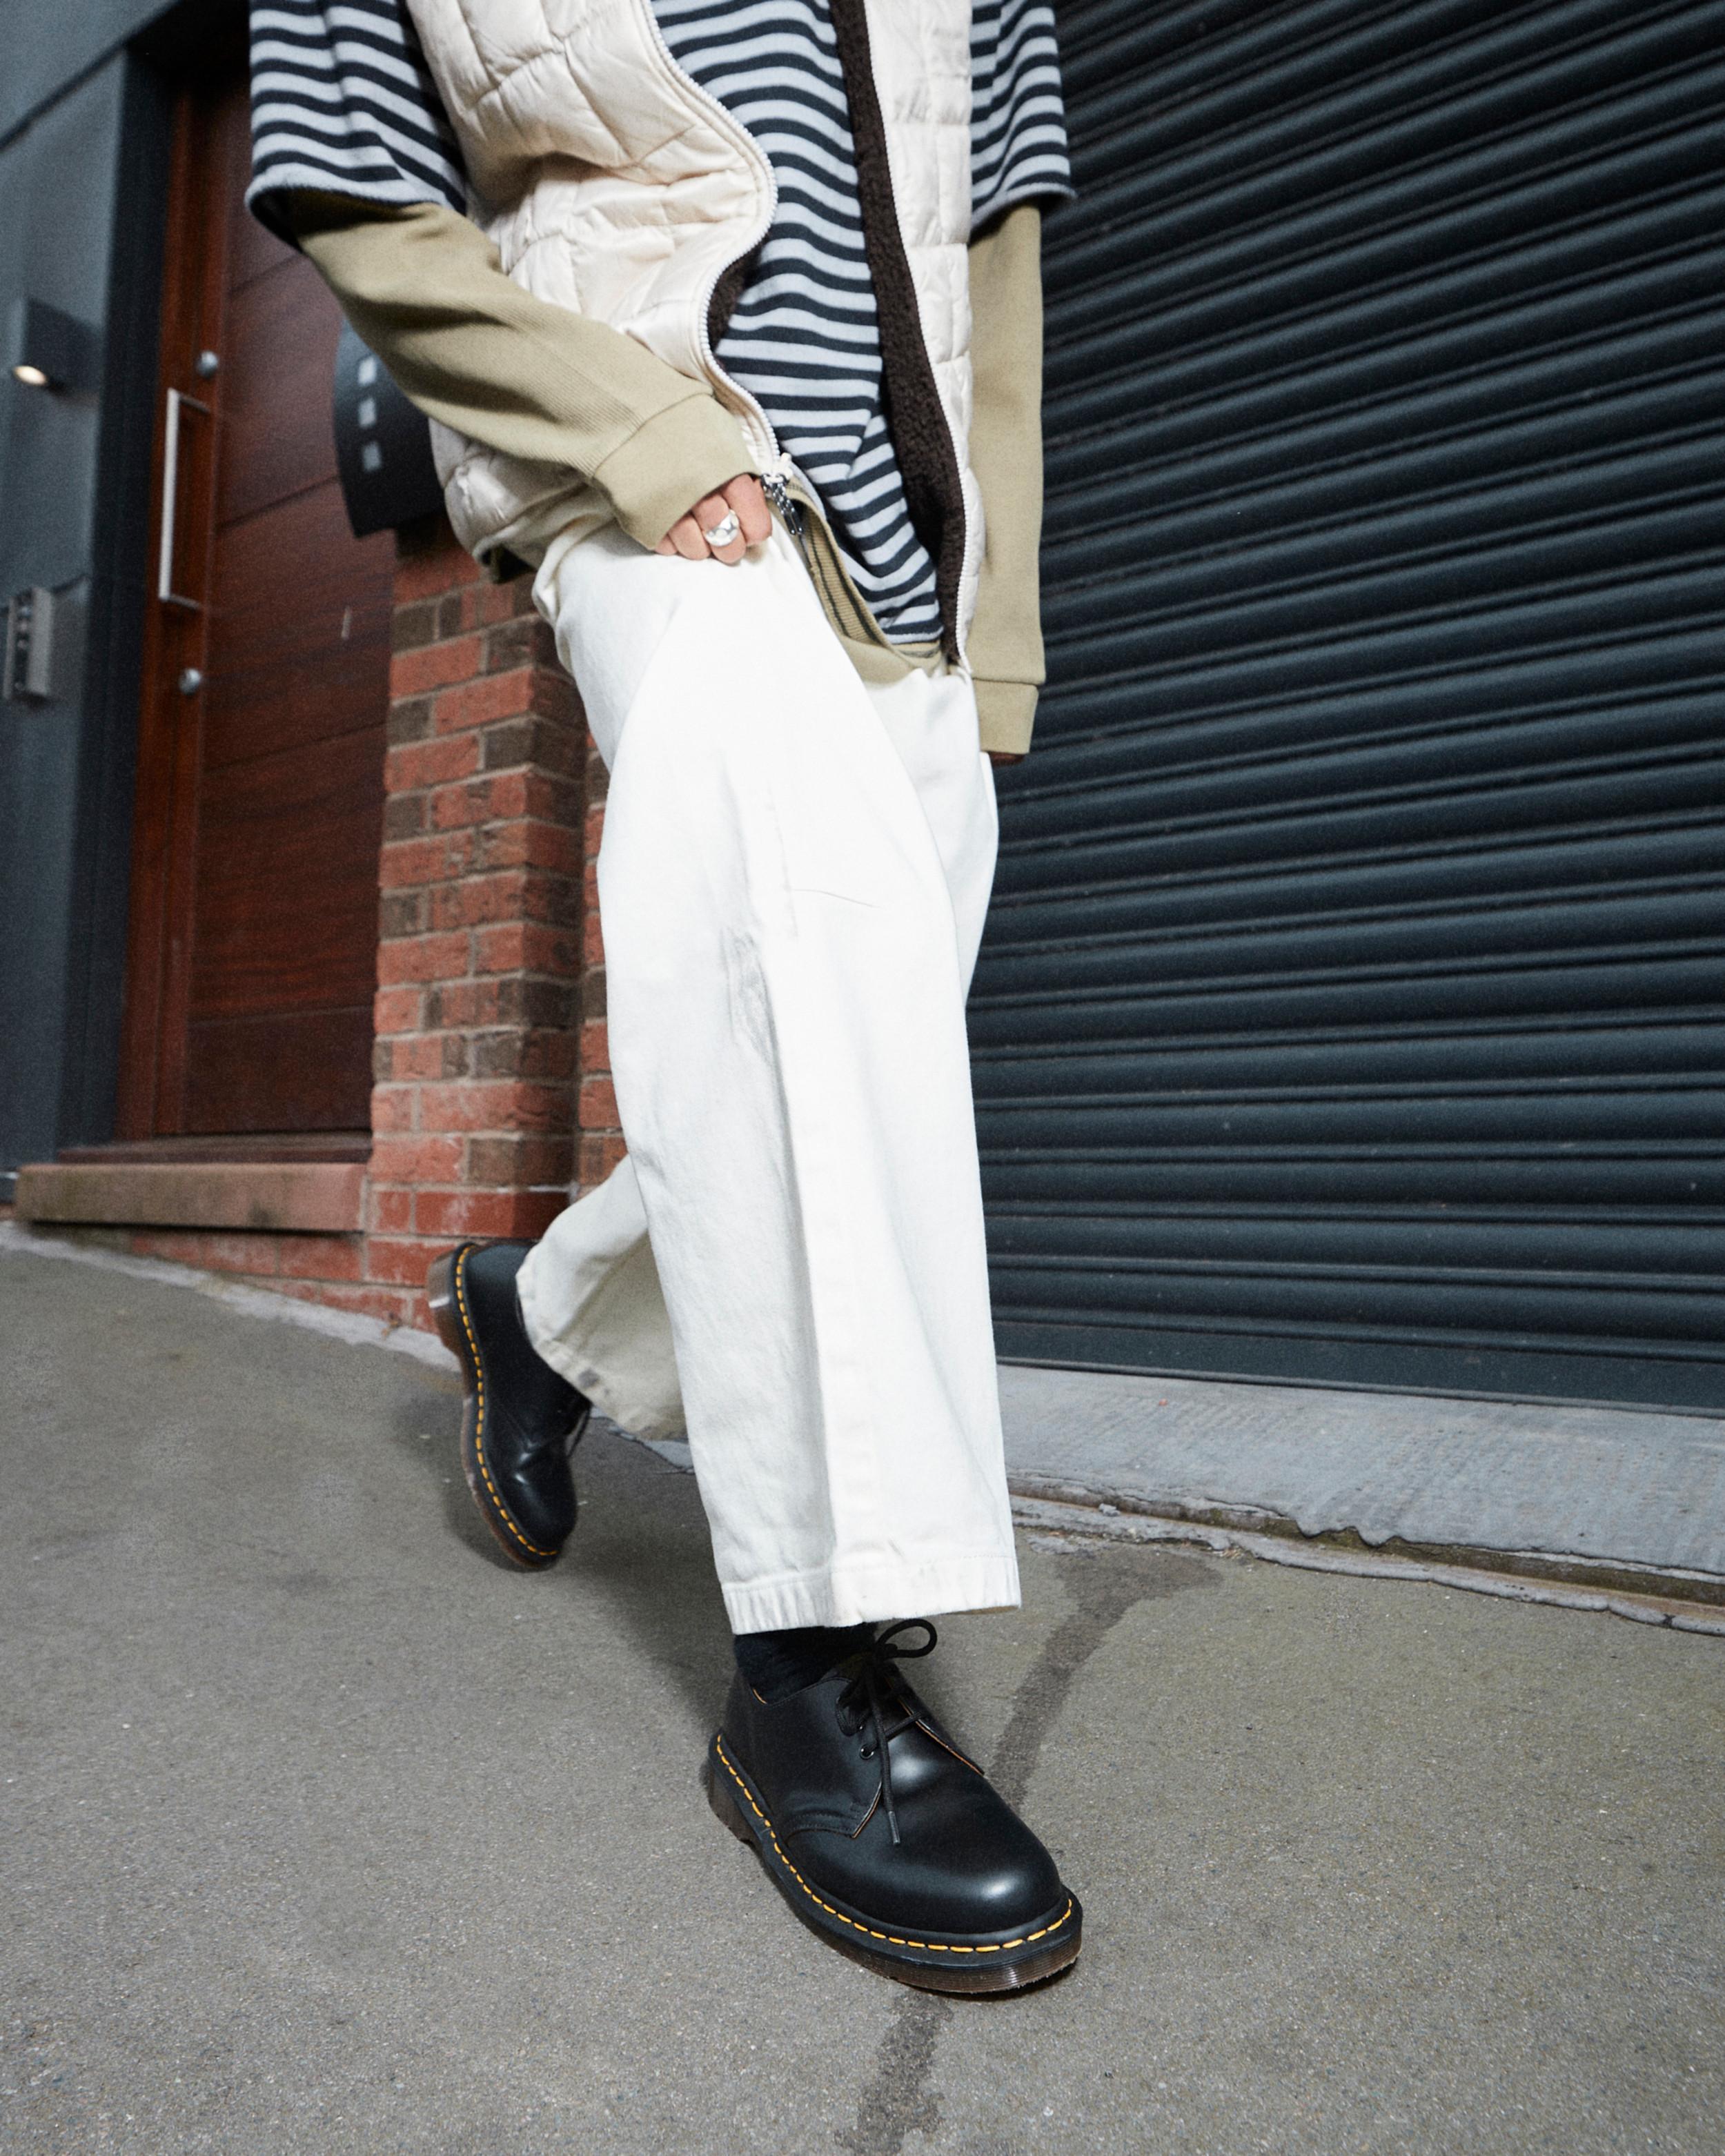 Dr. Martens Vintage 1461 Made in England – RAG Shop